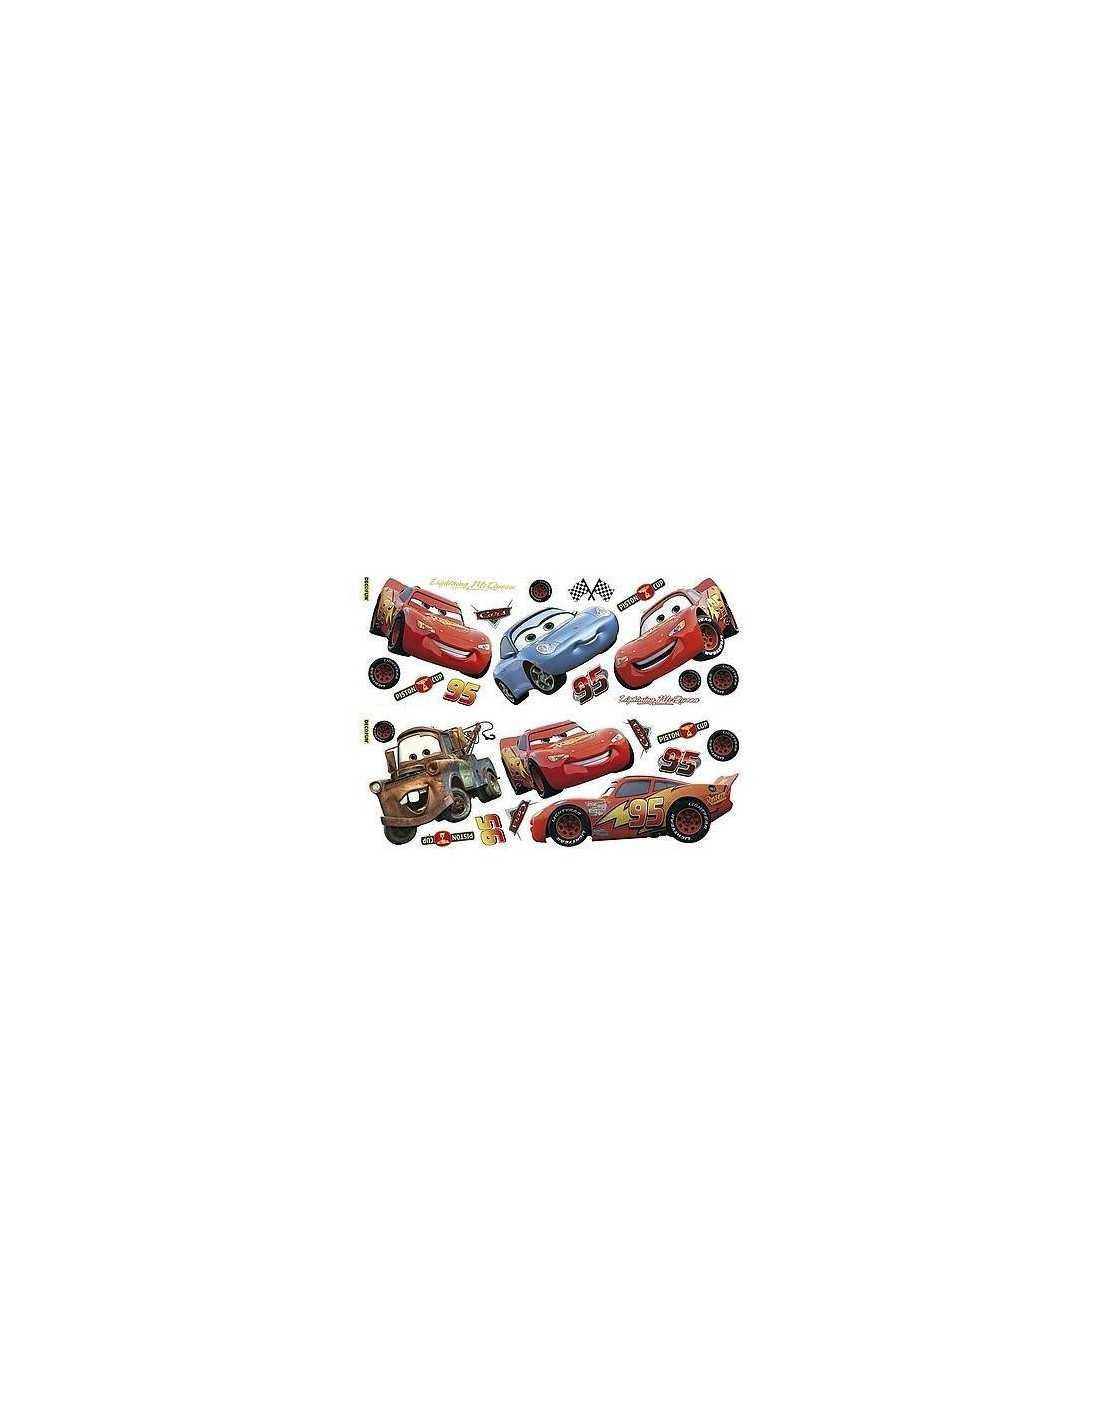 Vinilos adhesivos y pegatinas impresas y recortadas for Adhesivos para cristales